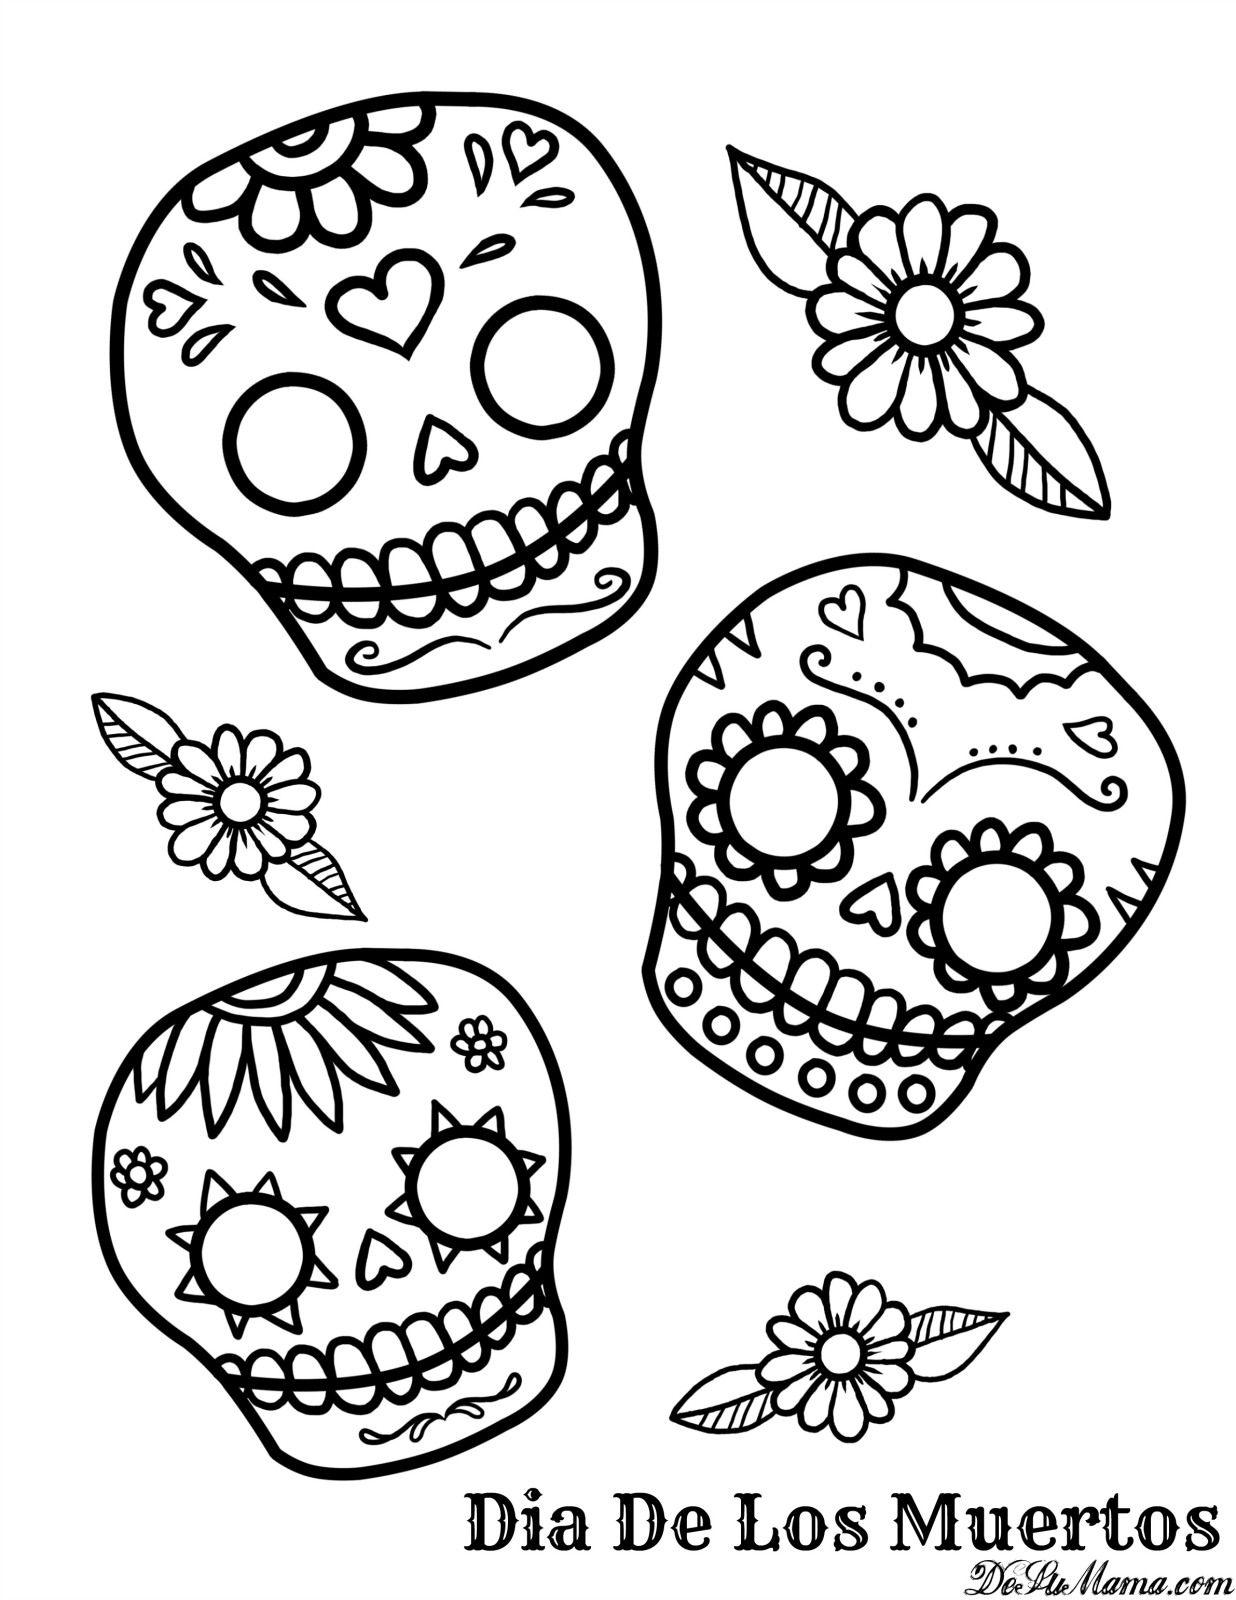 sugar-skull-printable | Dia de Los Muertos | Pinterest | Kind